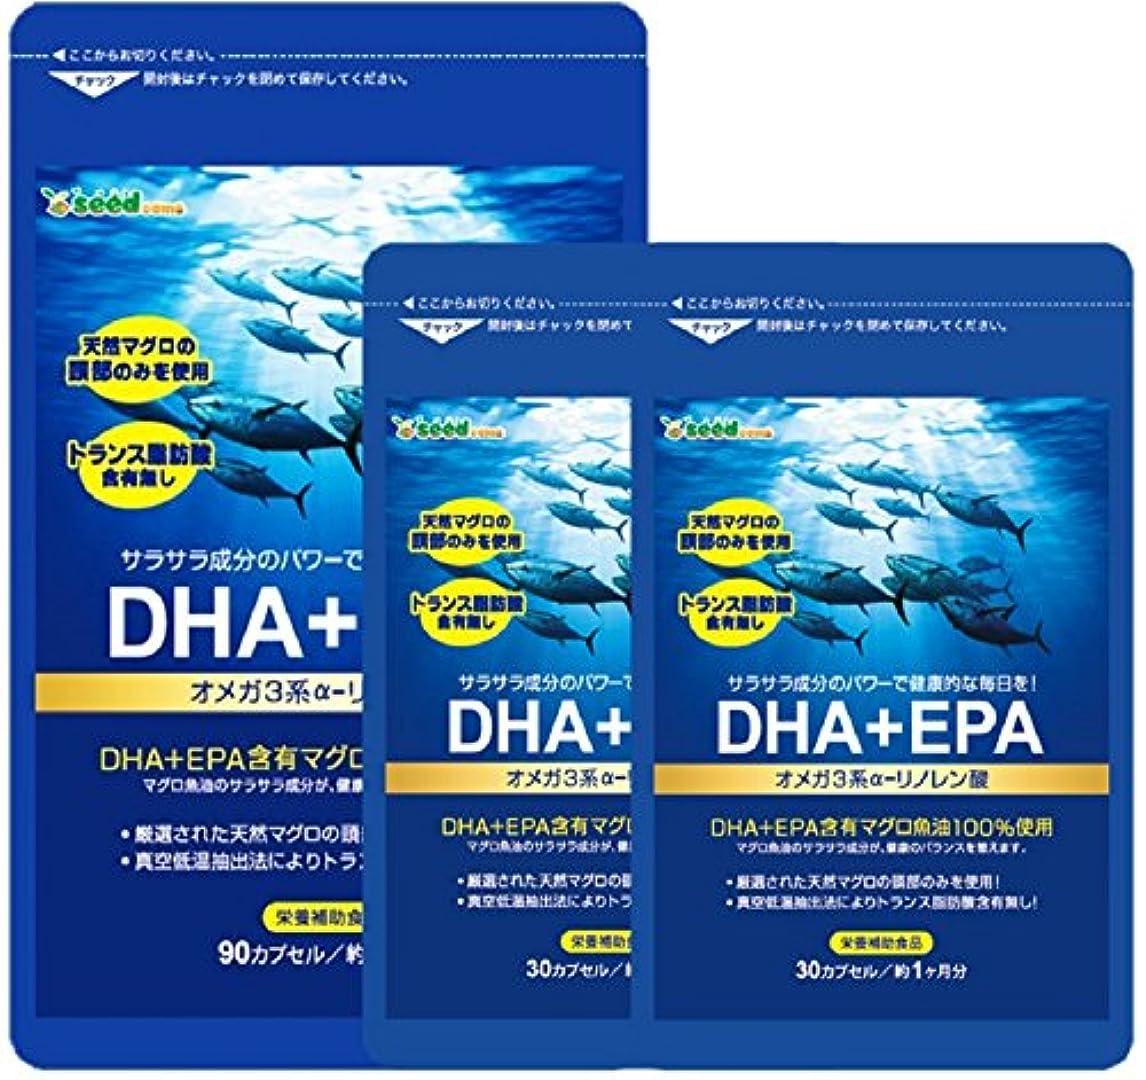 混沌正しく行動【 seedcoms シードコムス 公式 】DHA + EPA 約5ヶ月分/150粒 ( オメガ系 α-リノレン酸 )トランス脂肪酸 0㎎